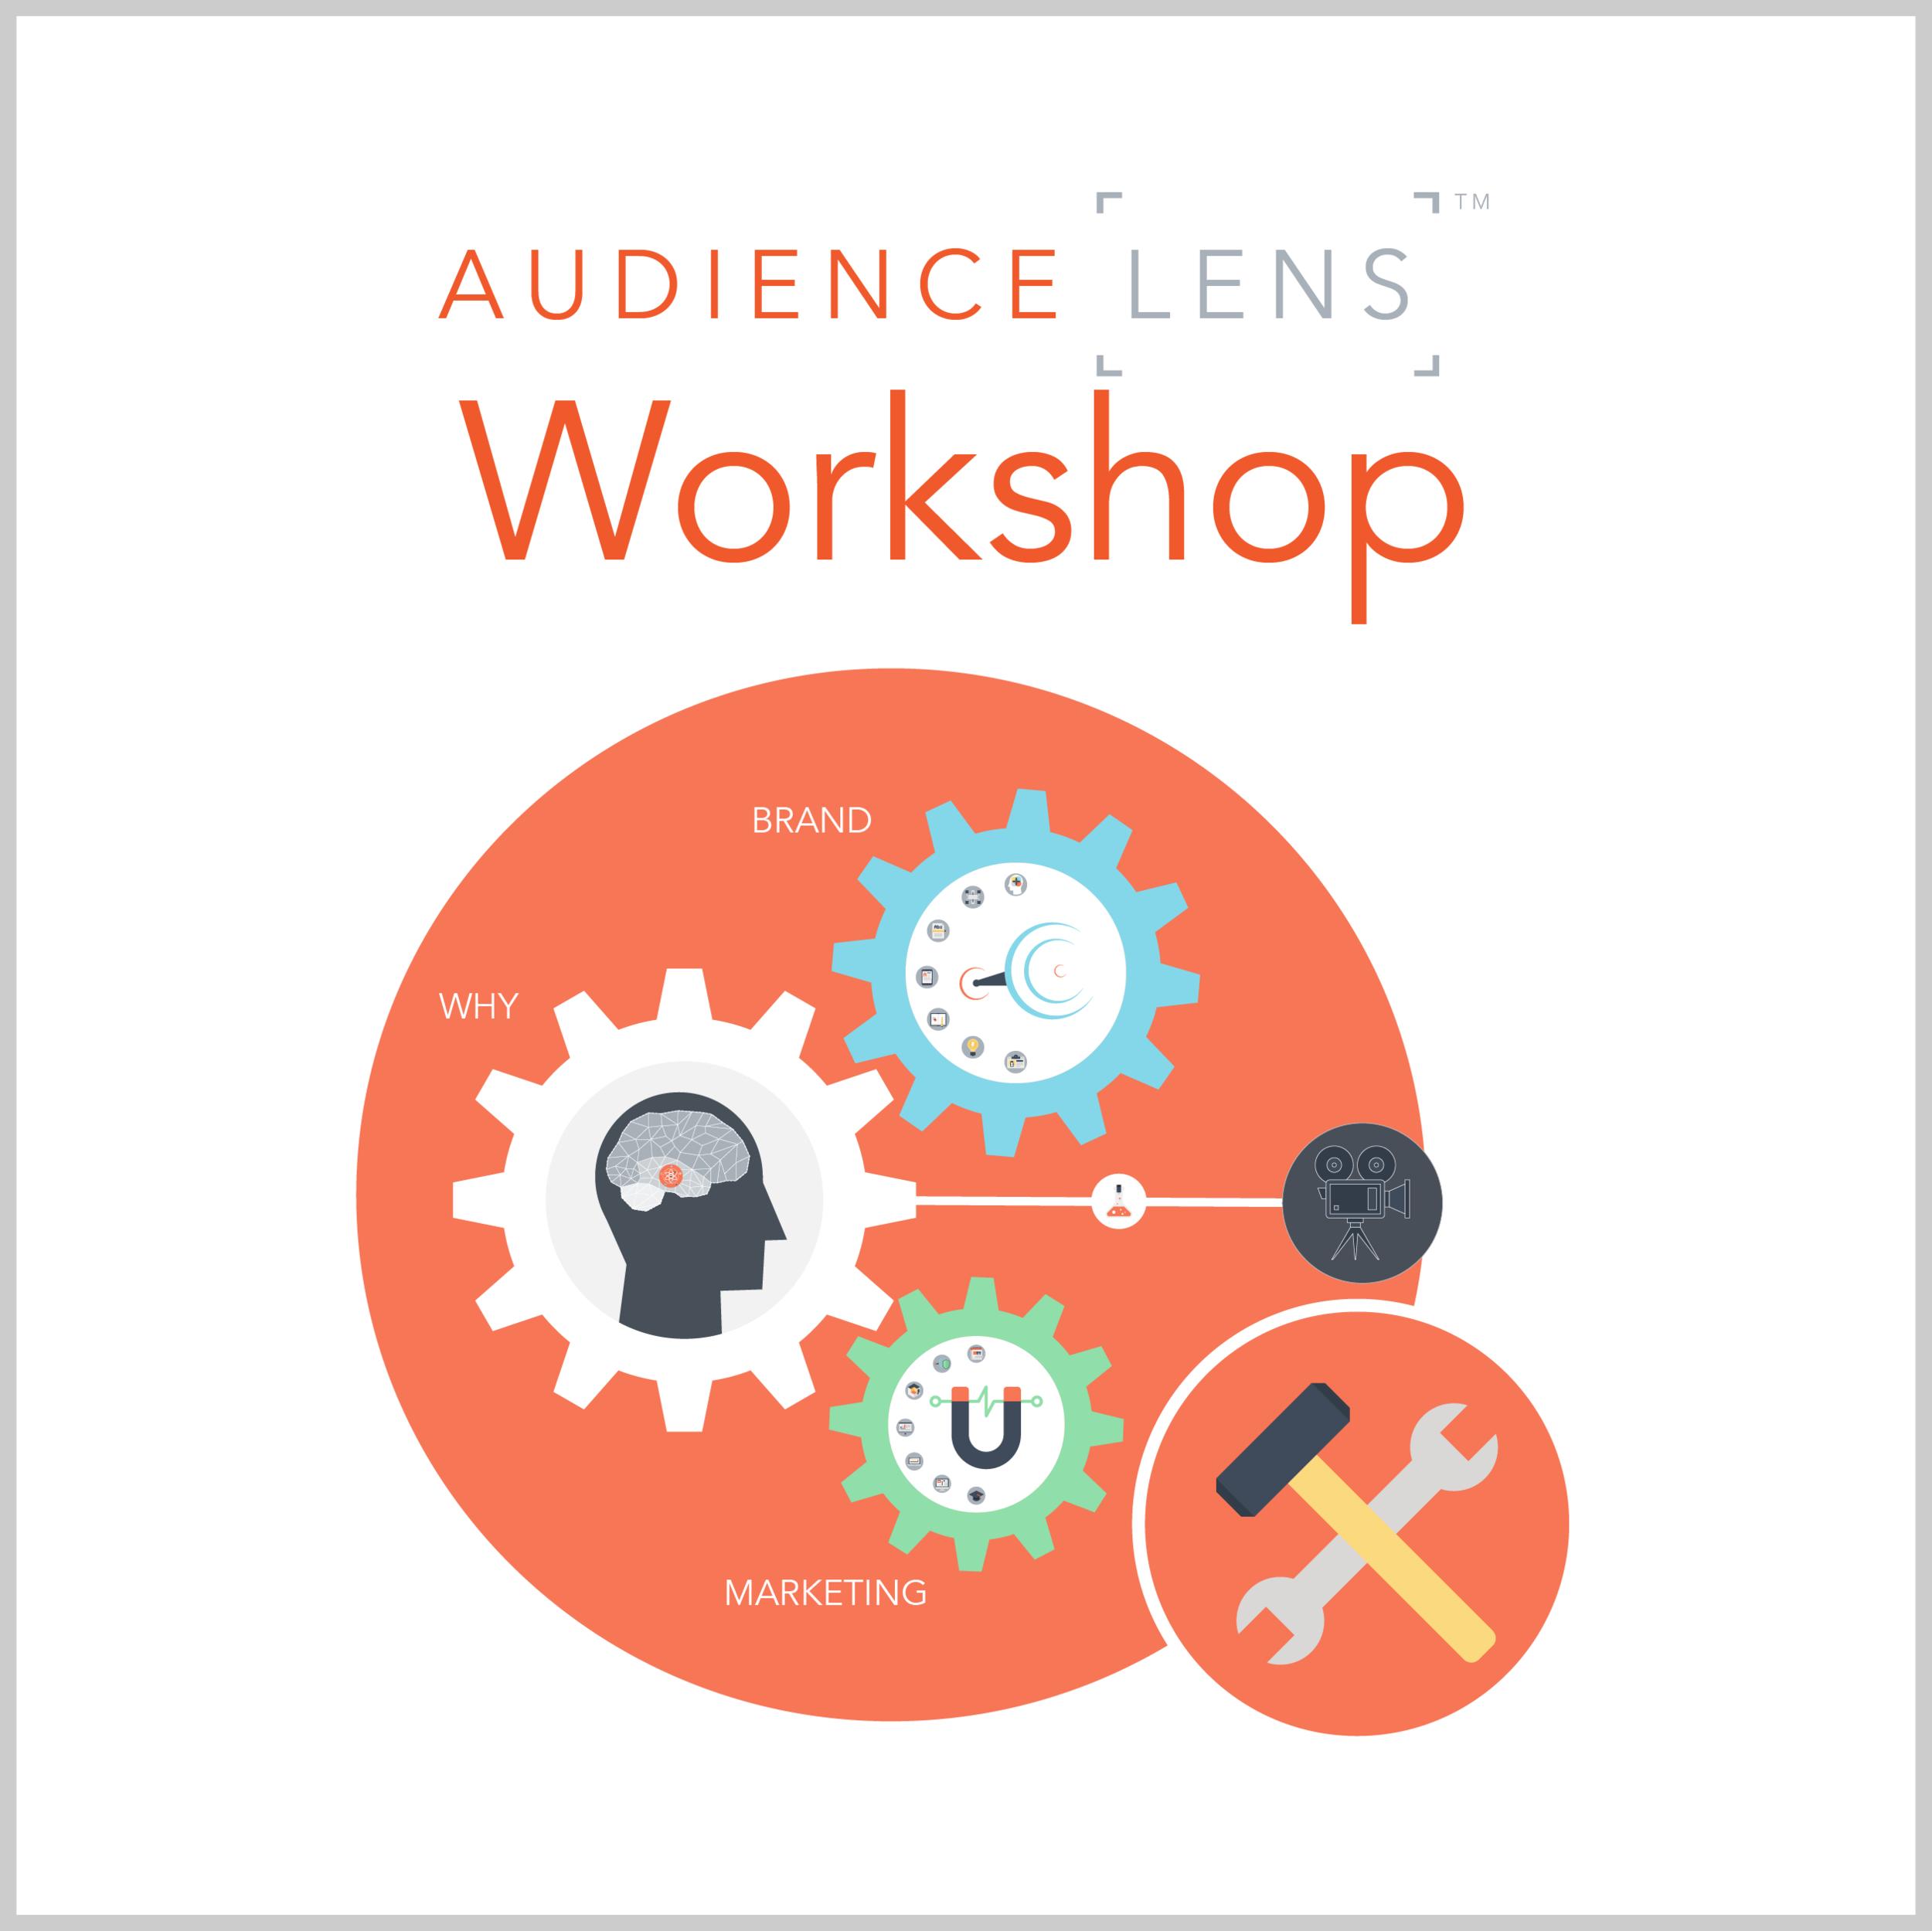 AudienceLensWorkshop.png